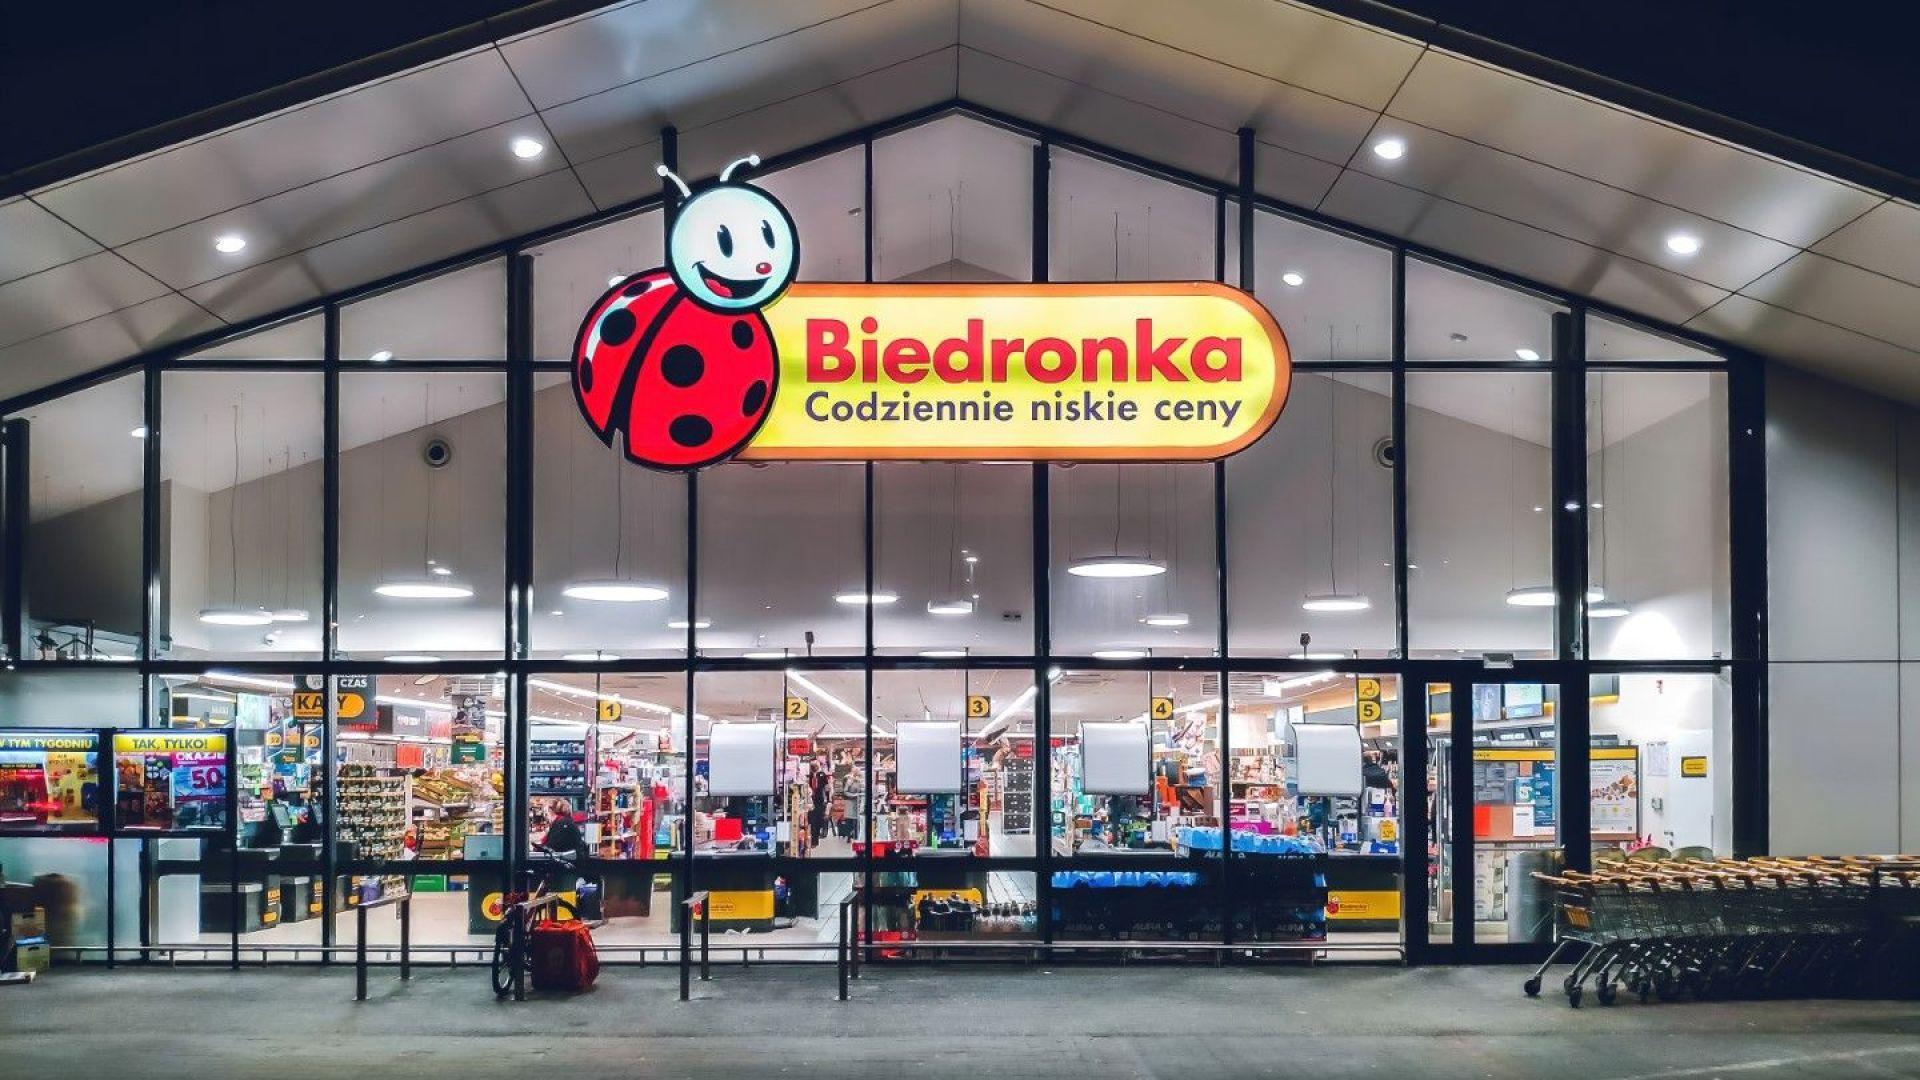 Поляците, излъгани в патриотичния си избор: Втора глоба за най-голямата верига супермаркети